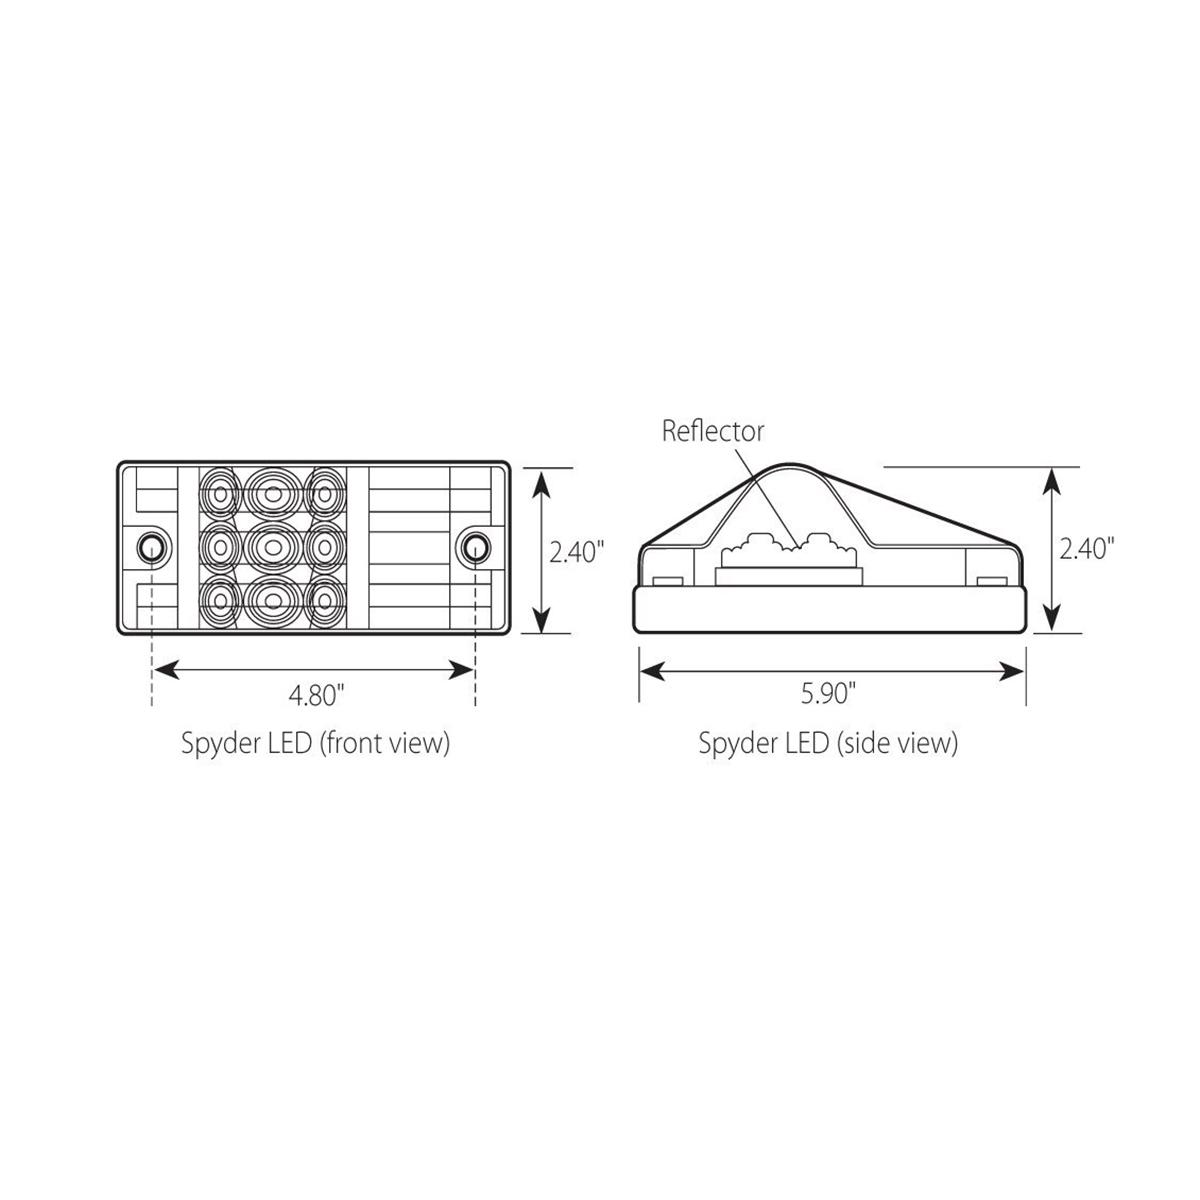 Rectangular Side Mount Spyder LED Turn/Marker Light